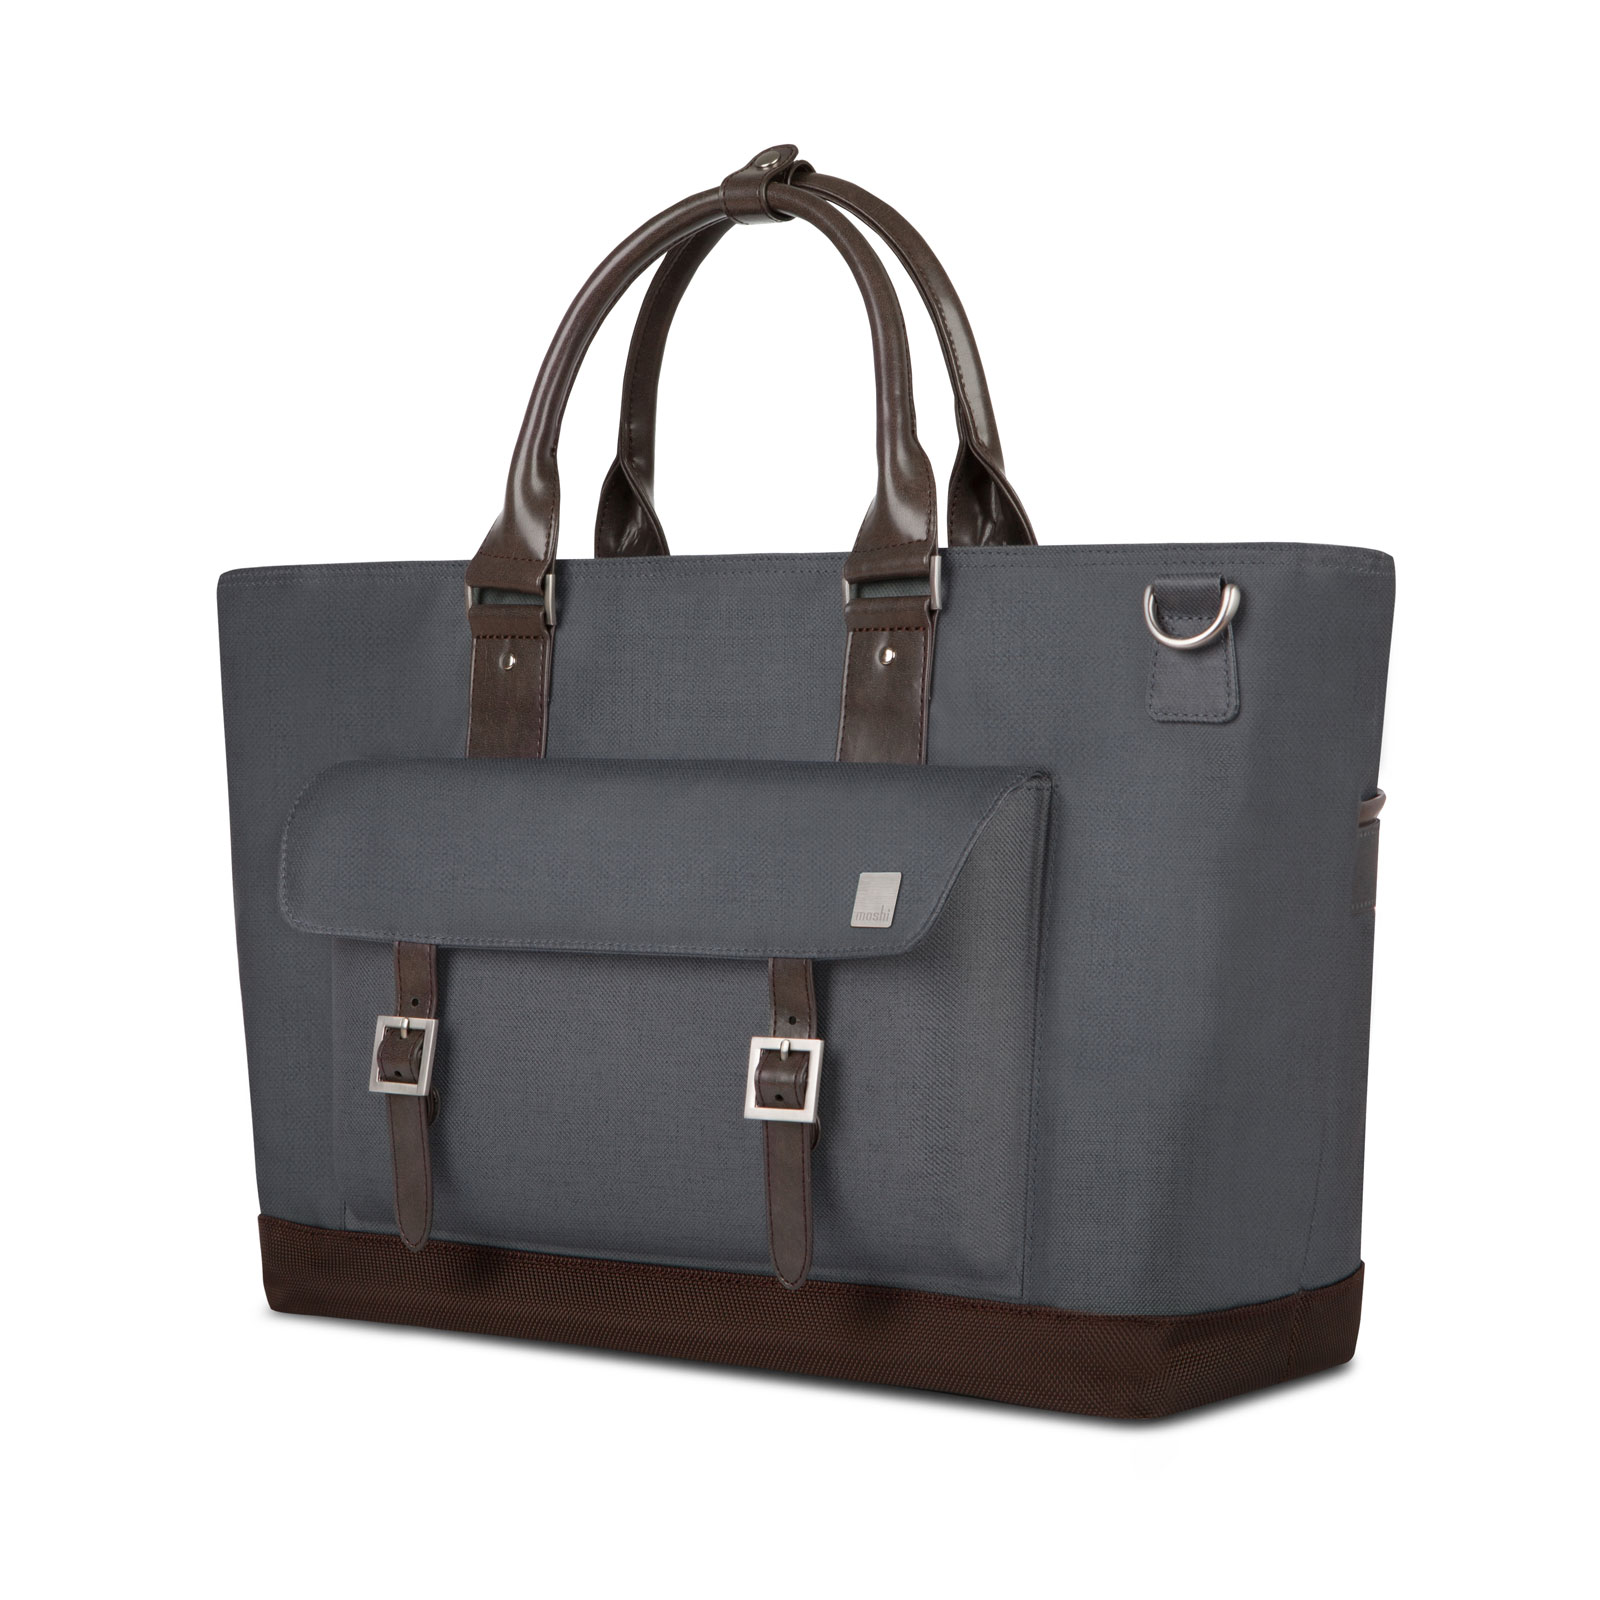 Costa Satchel Bag-image